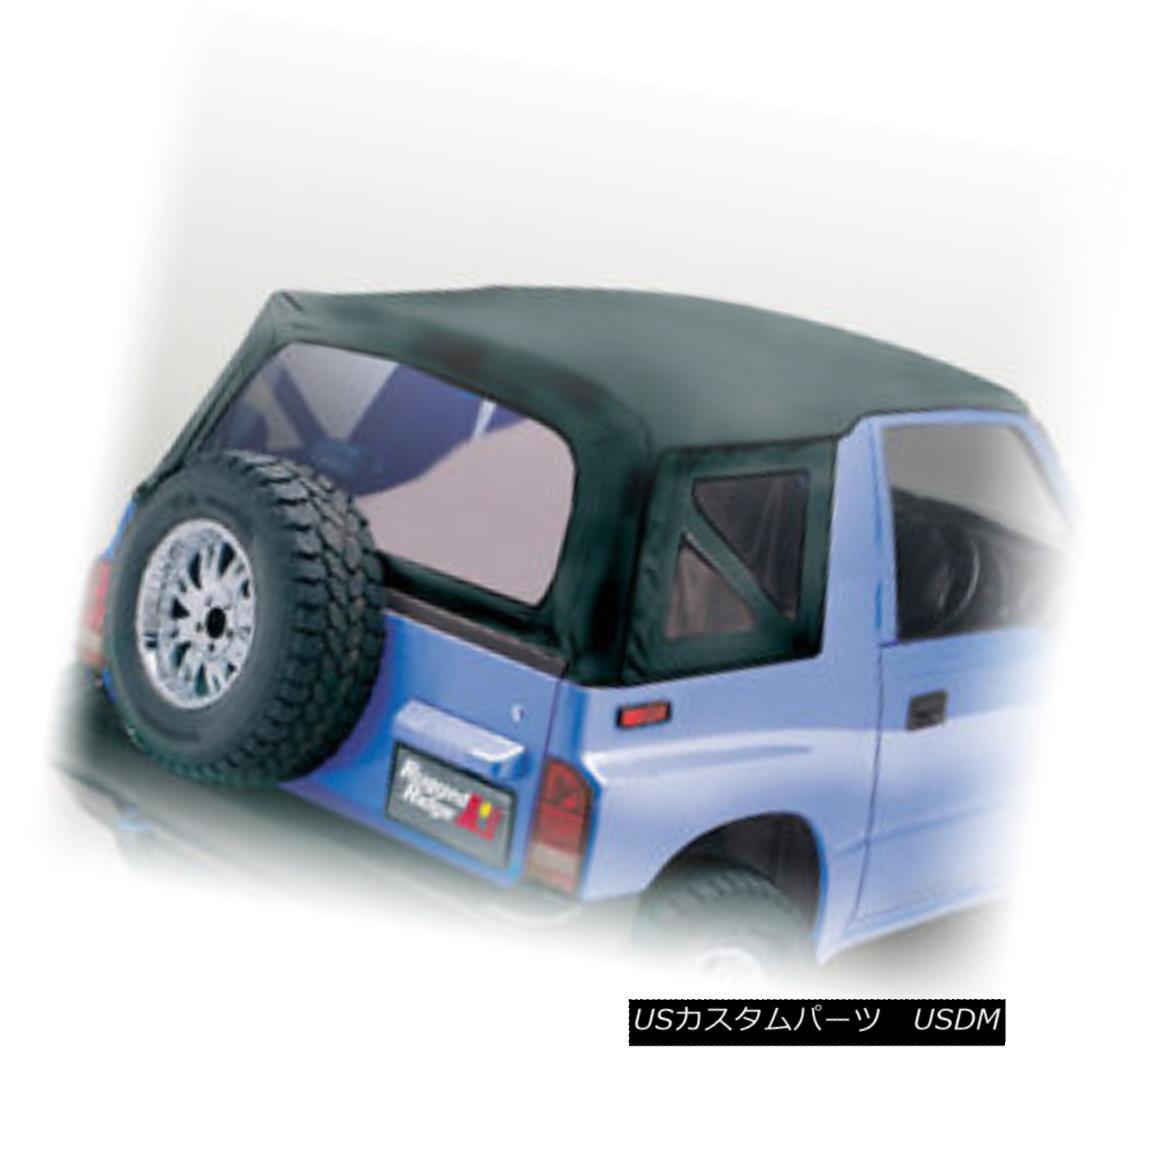 幌・ソフトトップ Rugged Ridge 53702.15 Soft Top Black Denim Clear Windows 88-94 Suzuki Sidekicks Rugged Ridge 53702.15ソフトトップブラックデニムクリアウィンドウ88-94スズキサイドキックス